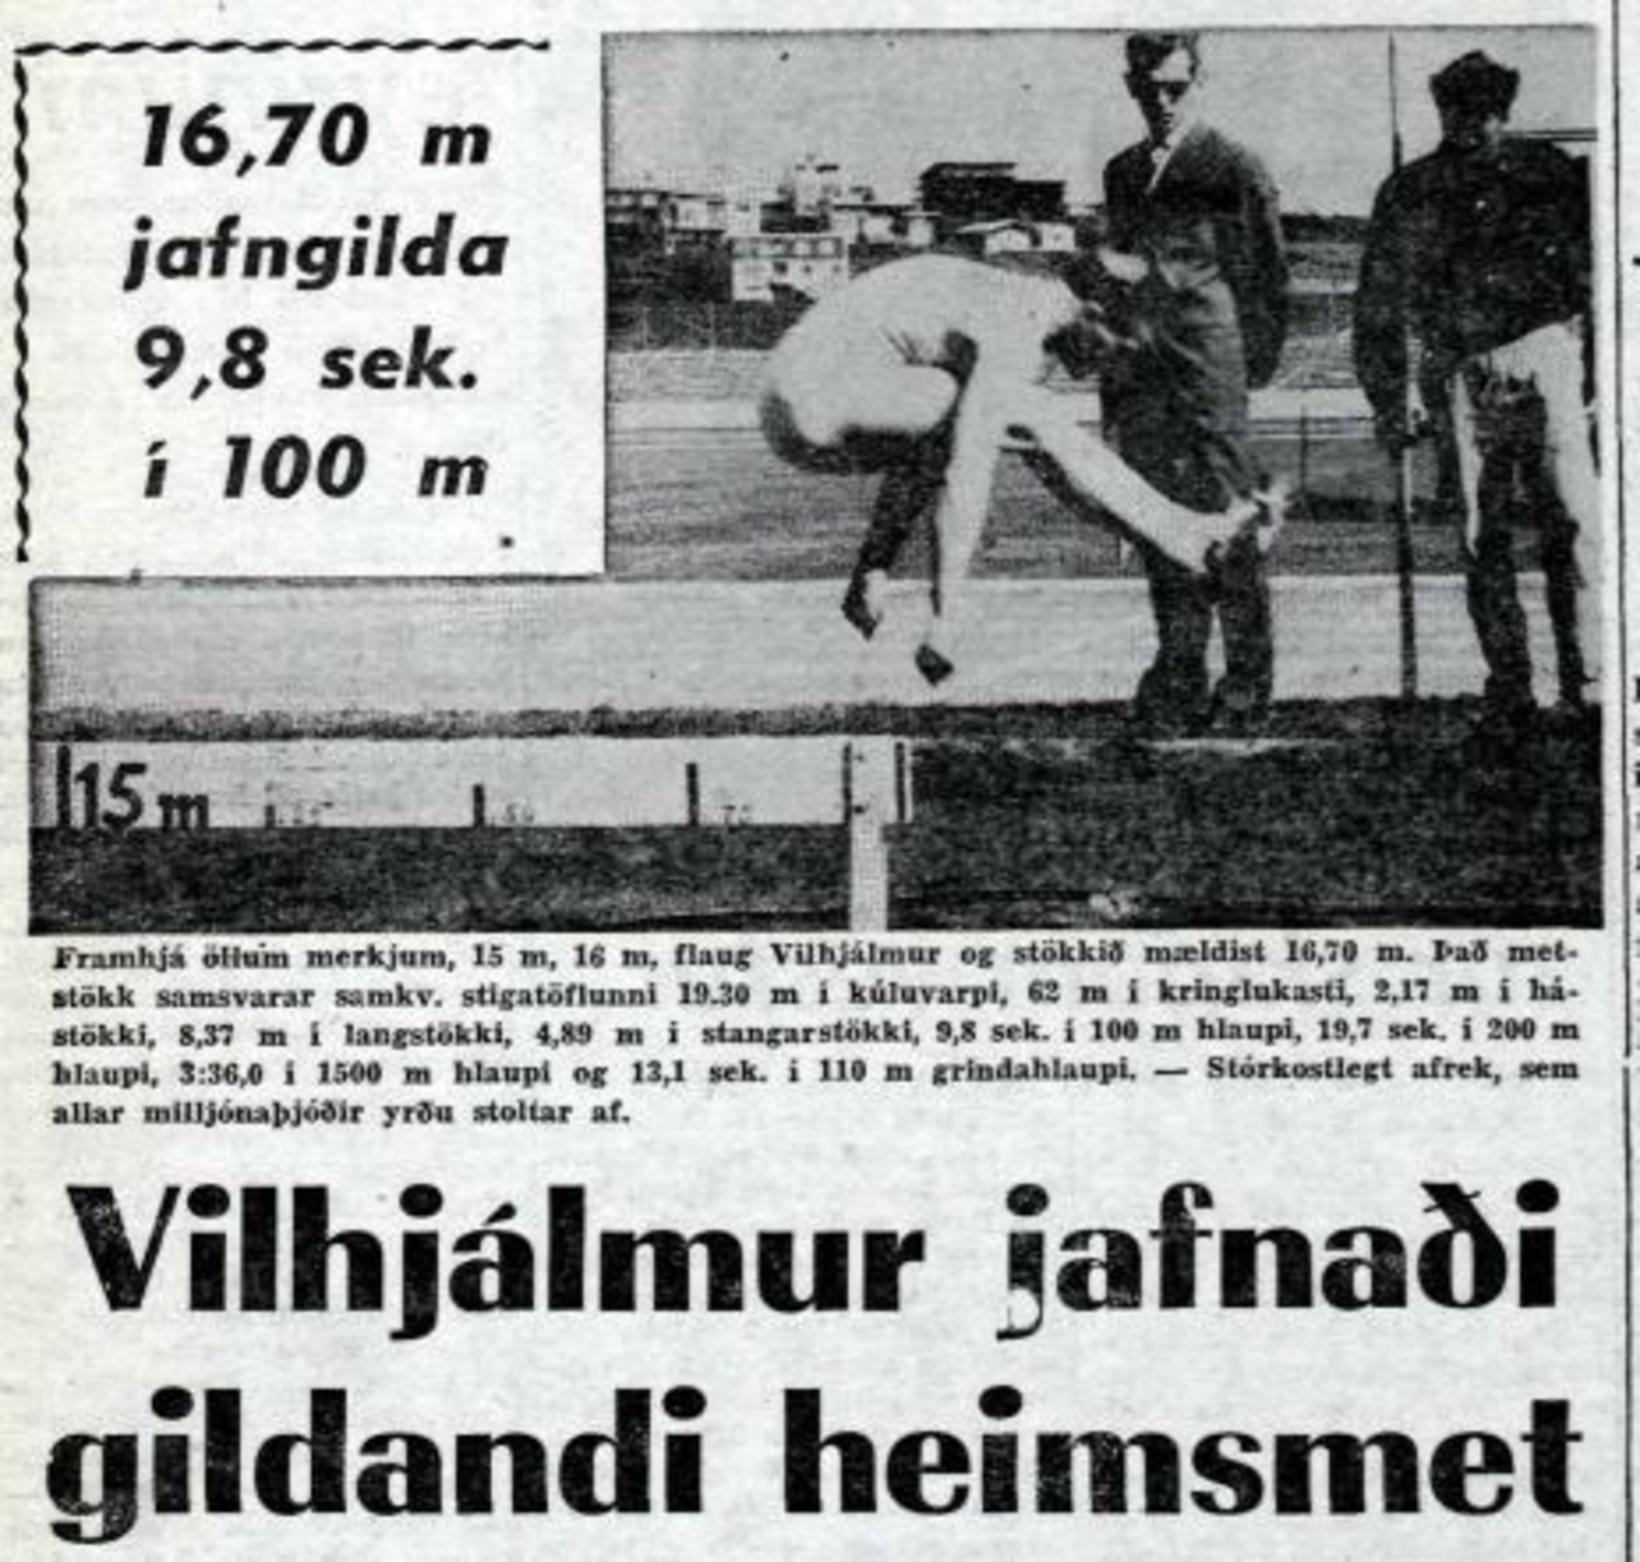 Forsíða Morgunblaðsins þriðjudaginn 9. ágúst. Stórkostlegt afrek sem allar milljónaþjóðir …